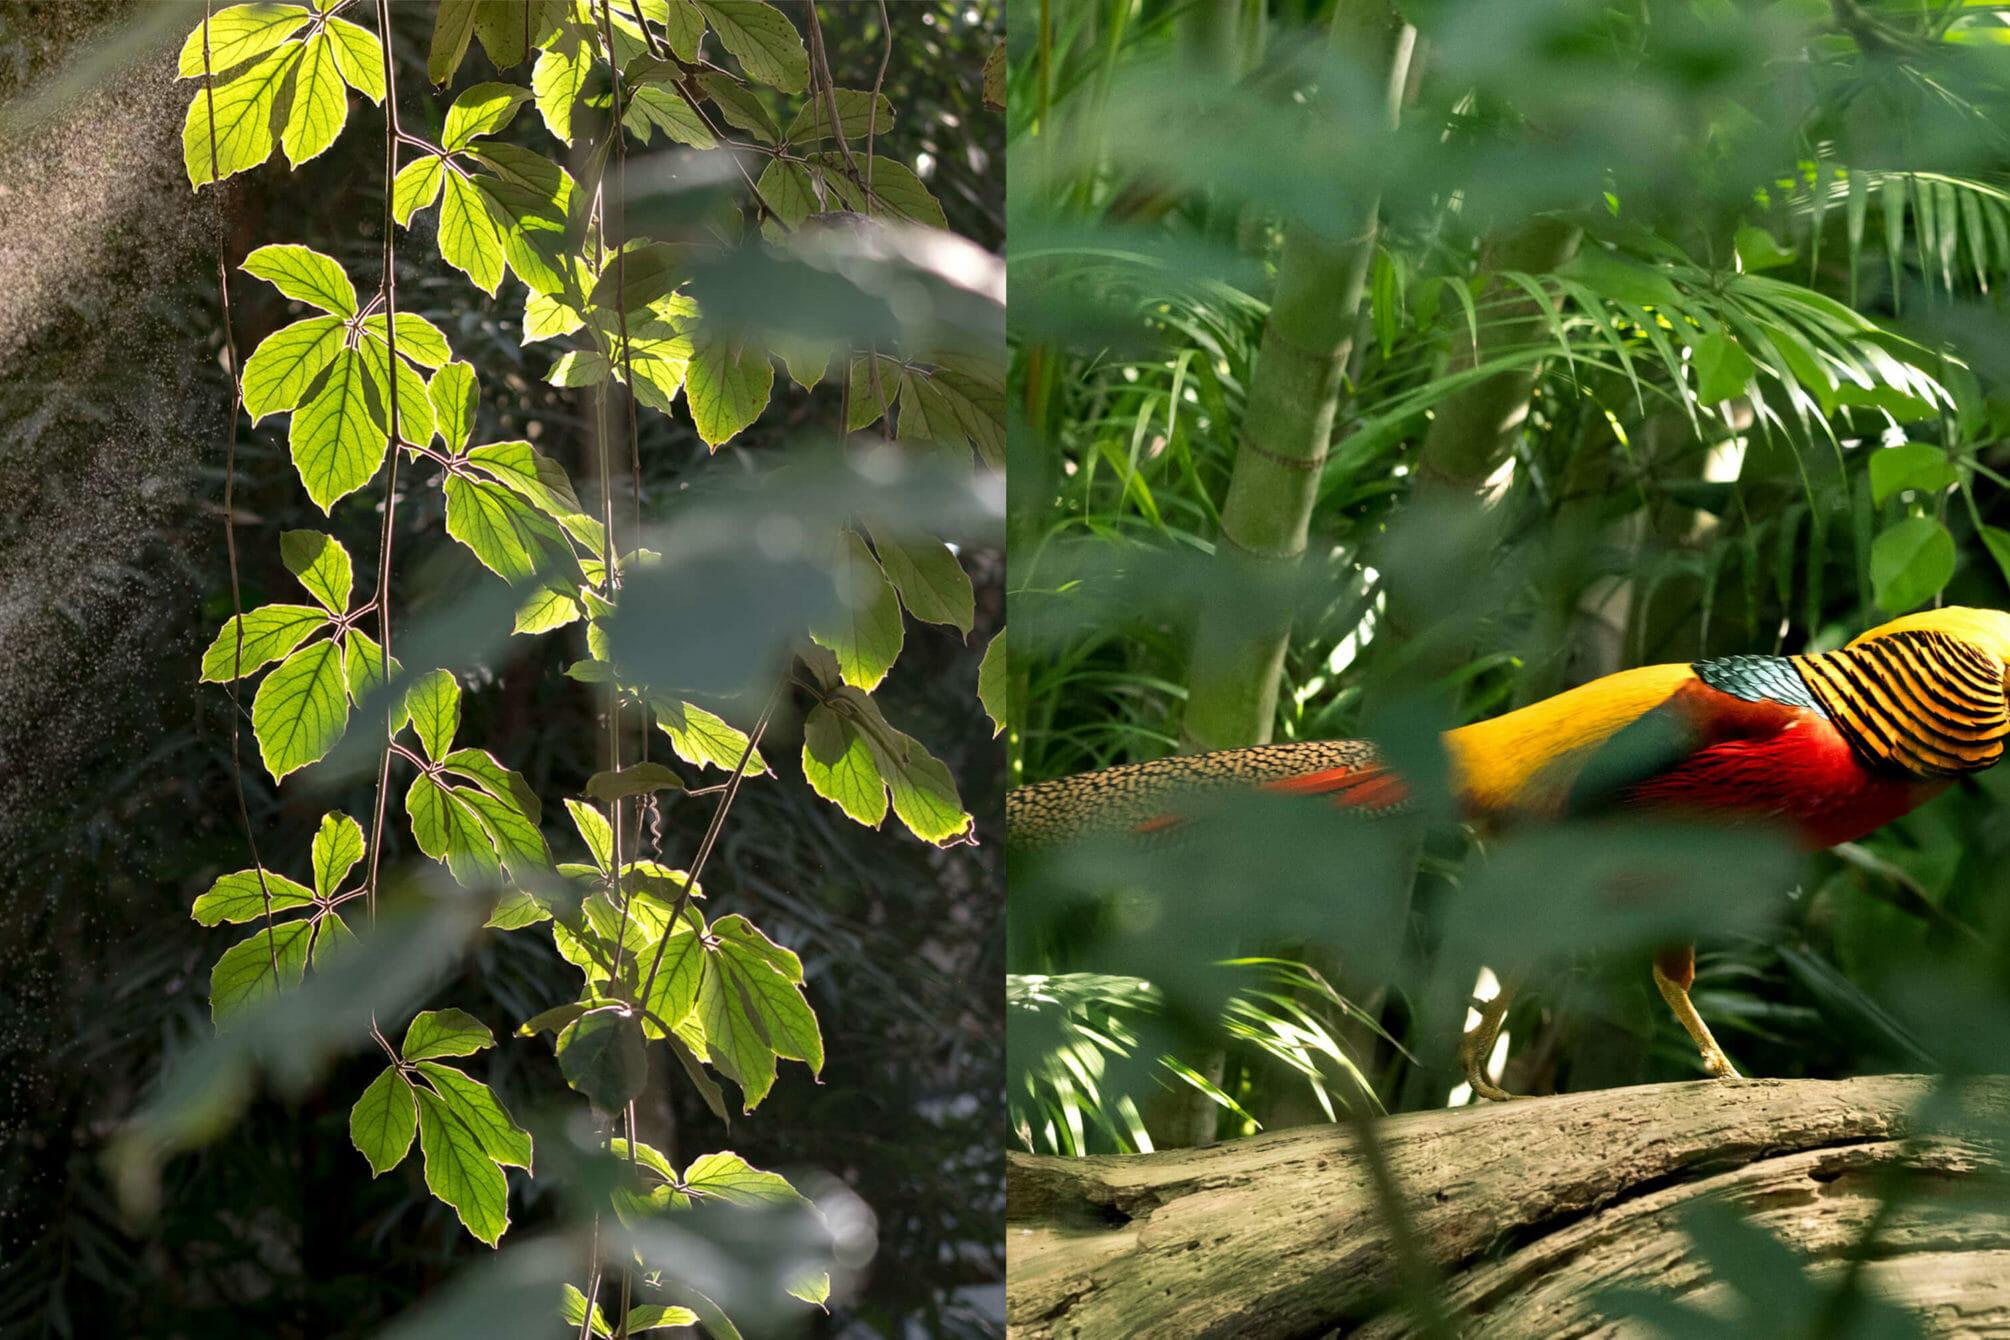 Ein Goldfasan läuft frei in der Biosphäre herum. So ein schönes Tier!